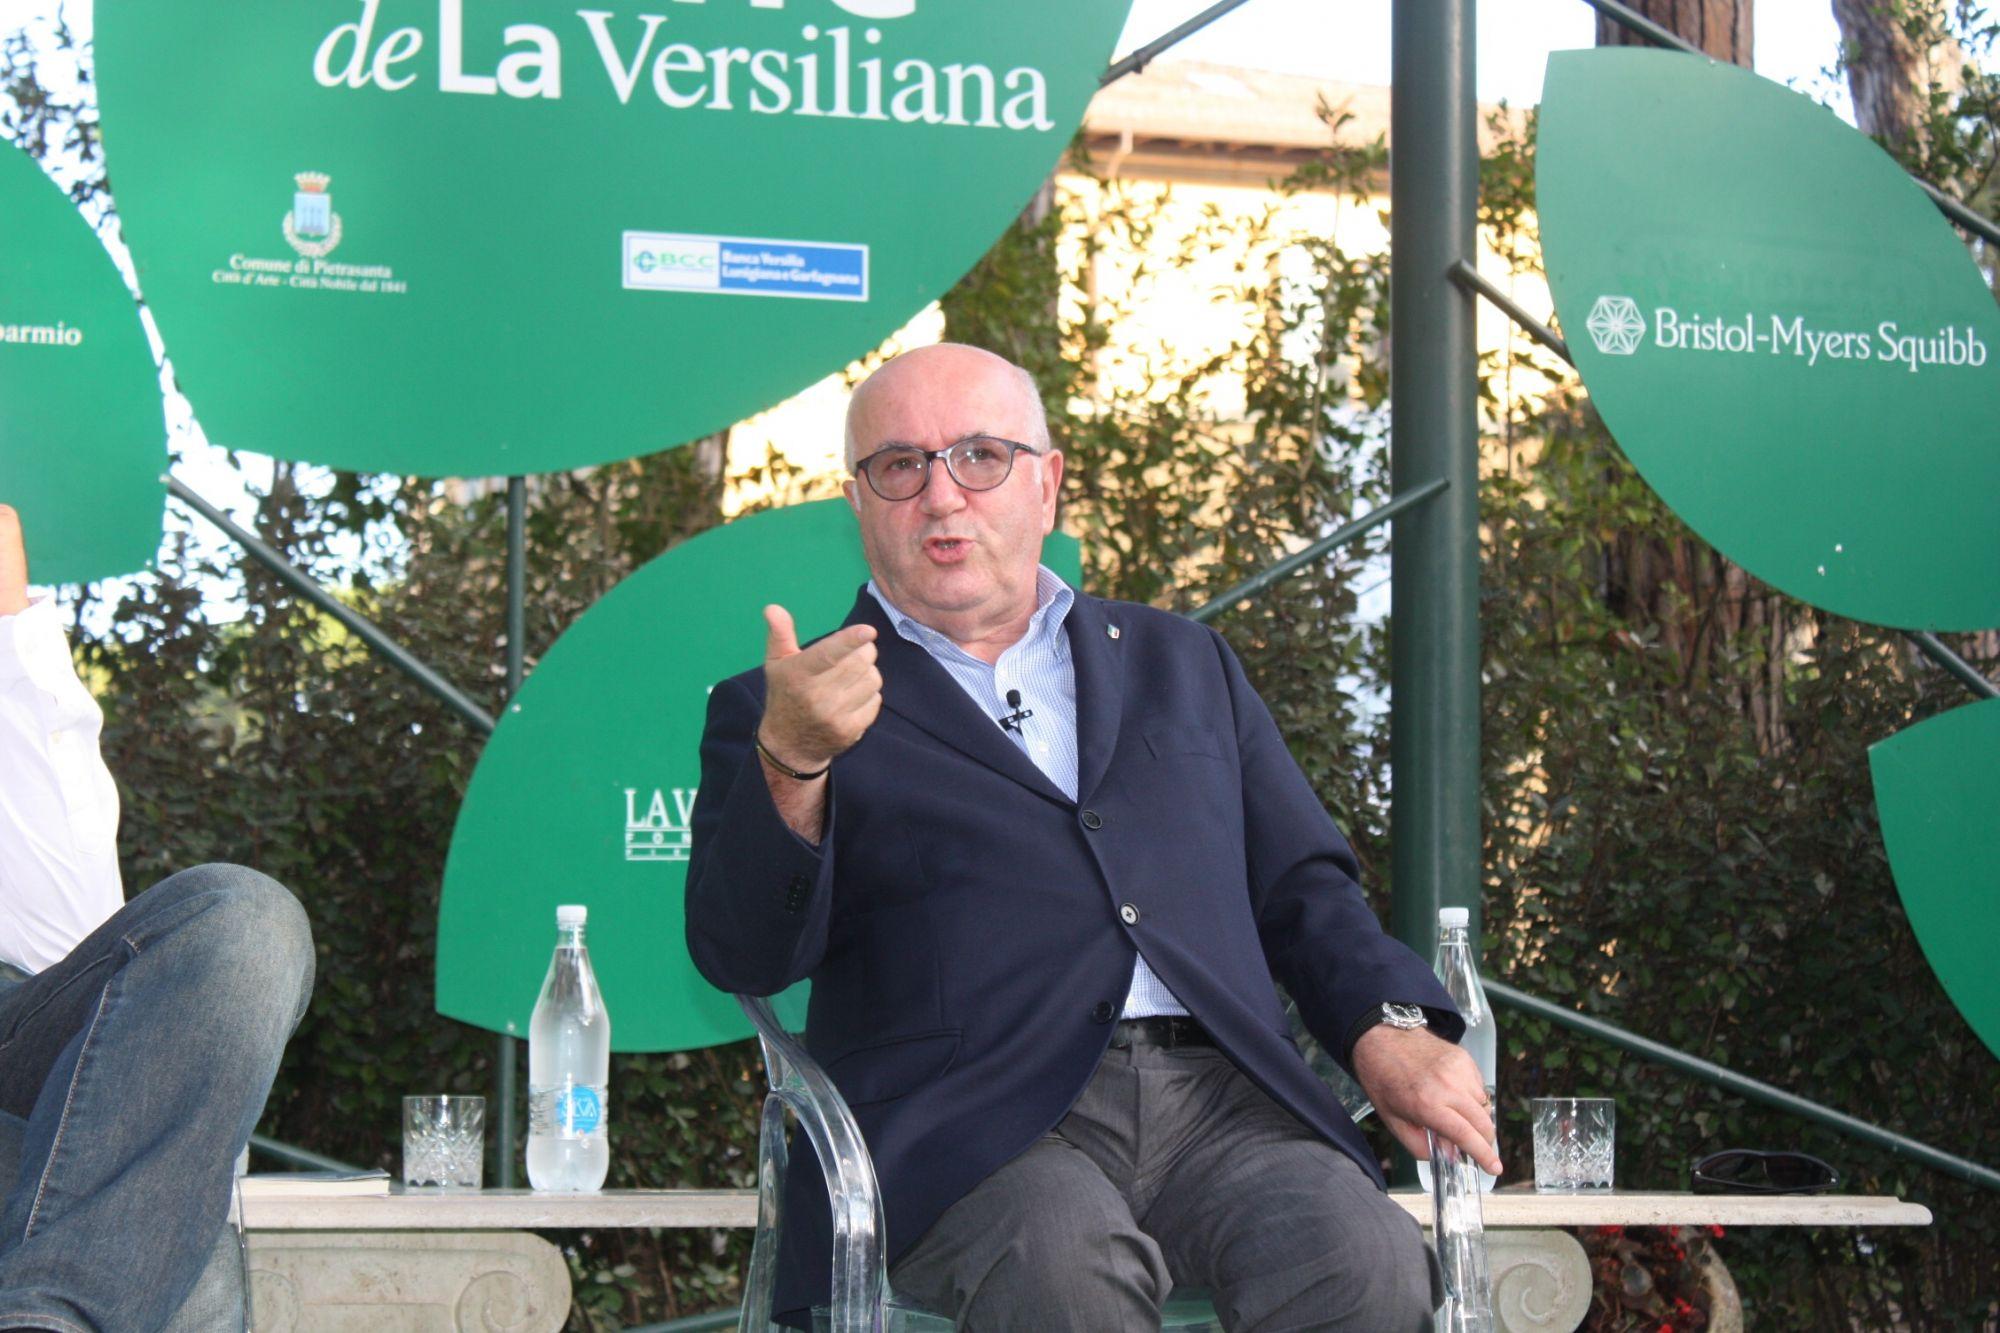 Frasi choc su Sant'Anna, il sindaco di Stazzema scrive a Tavecchio